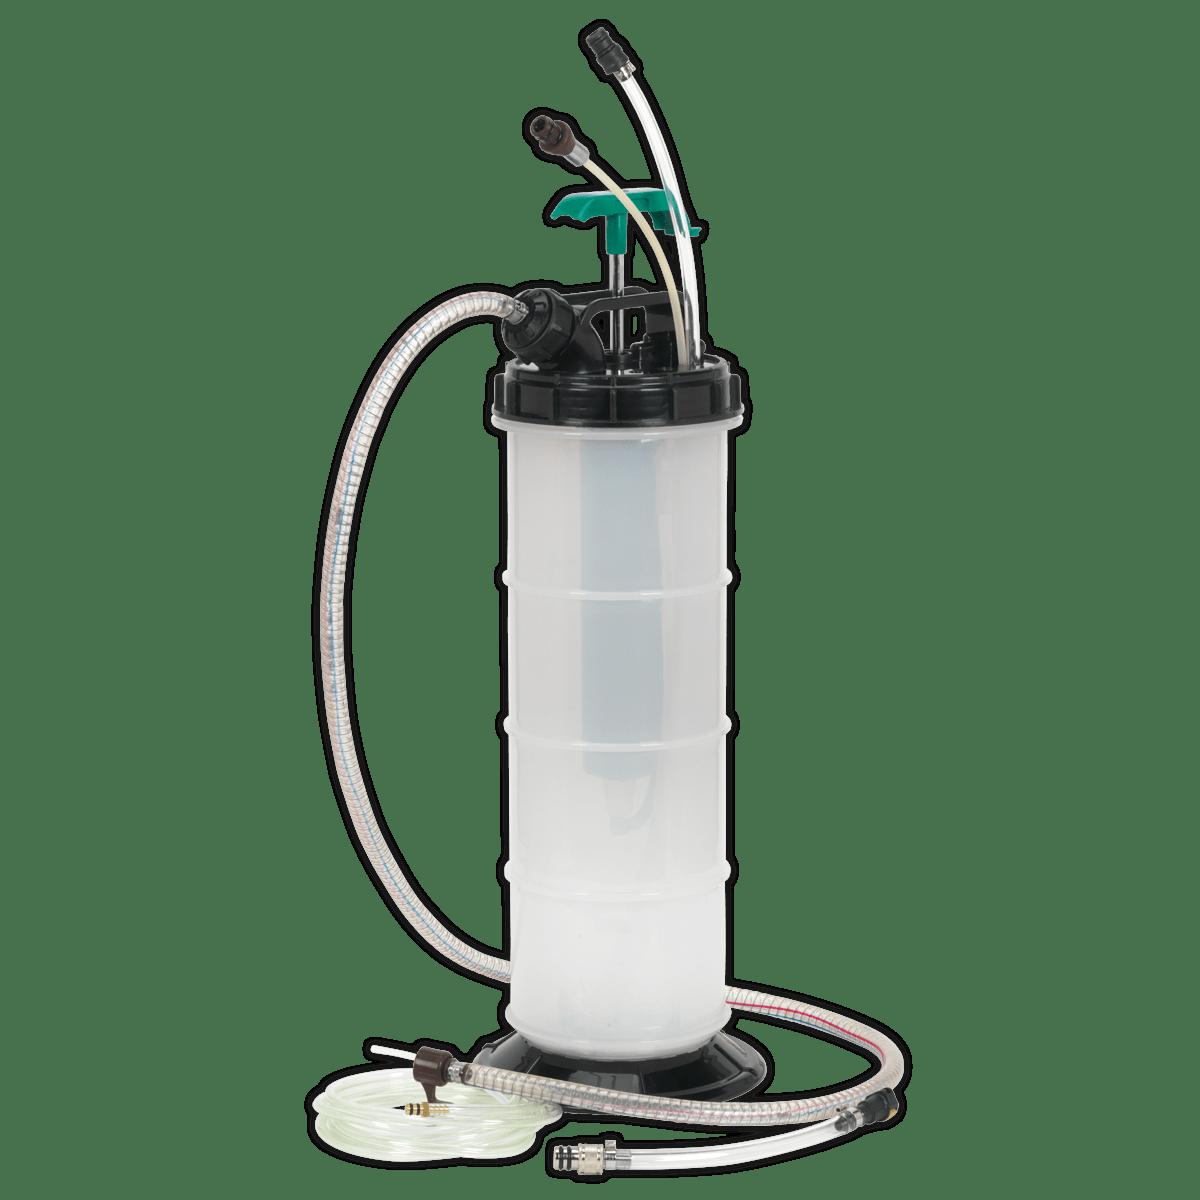 Sealey Vacuum Fuel/Fluid Extractor 8L TP204